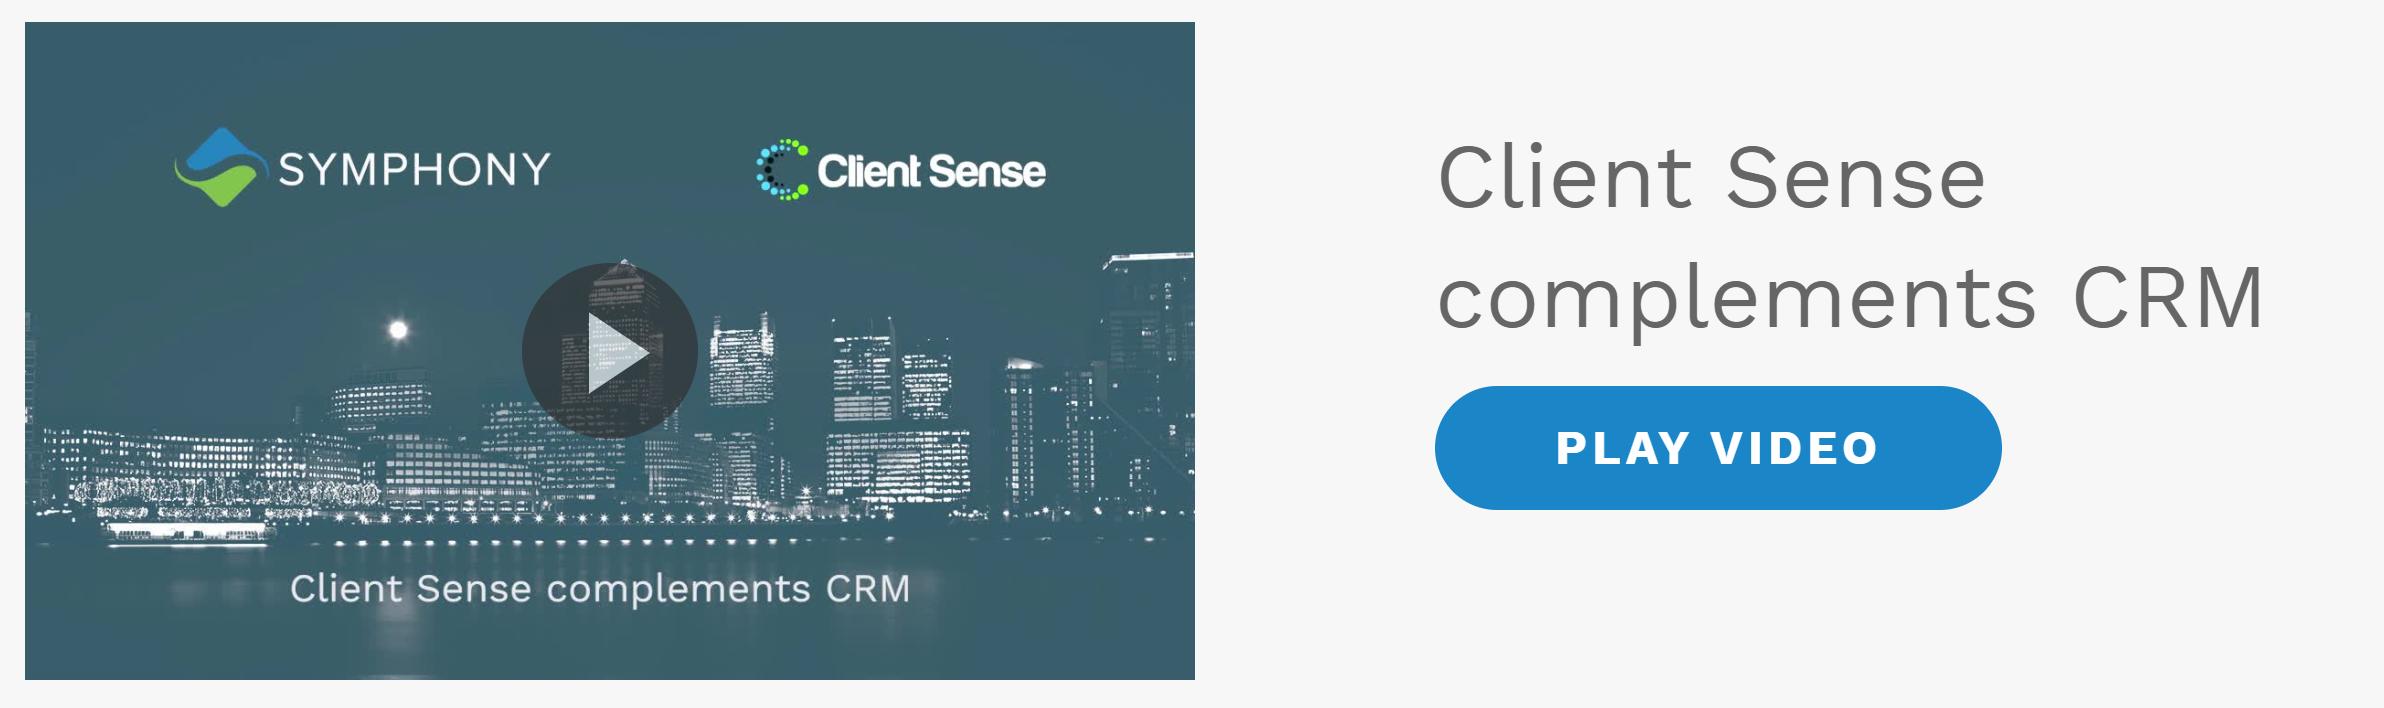 Client-sense-1